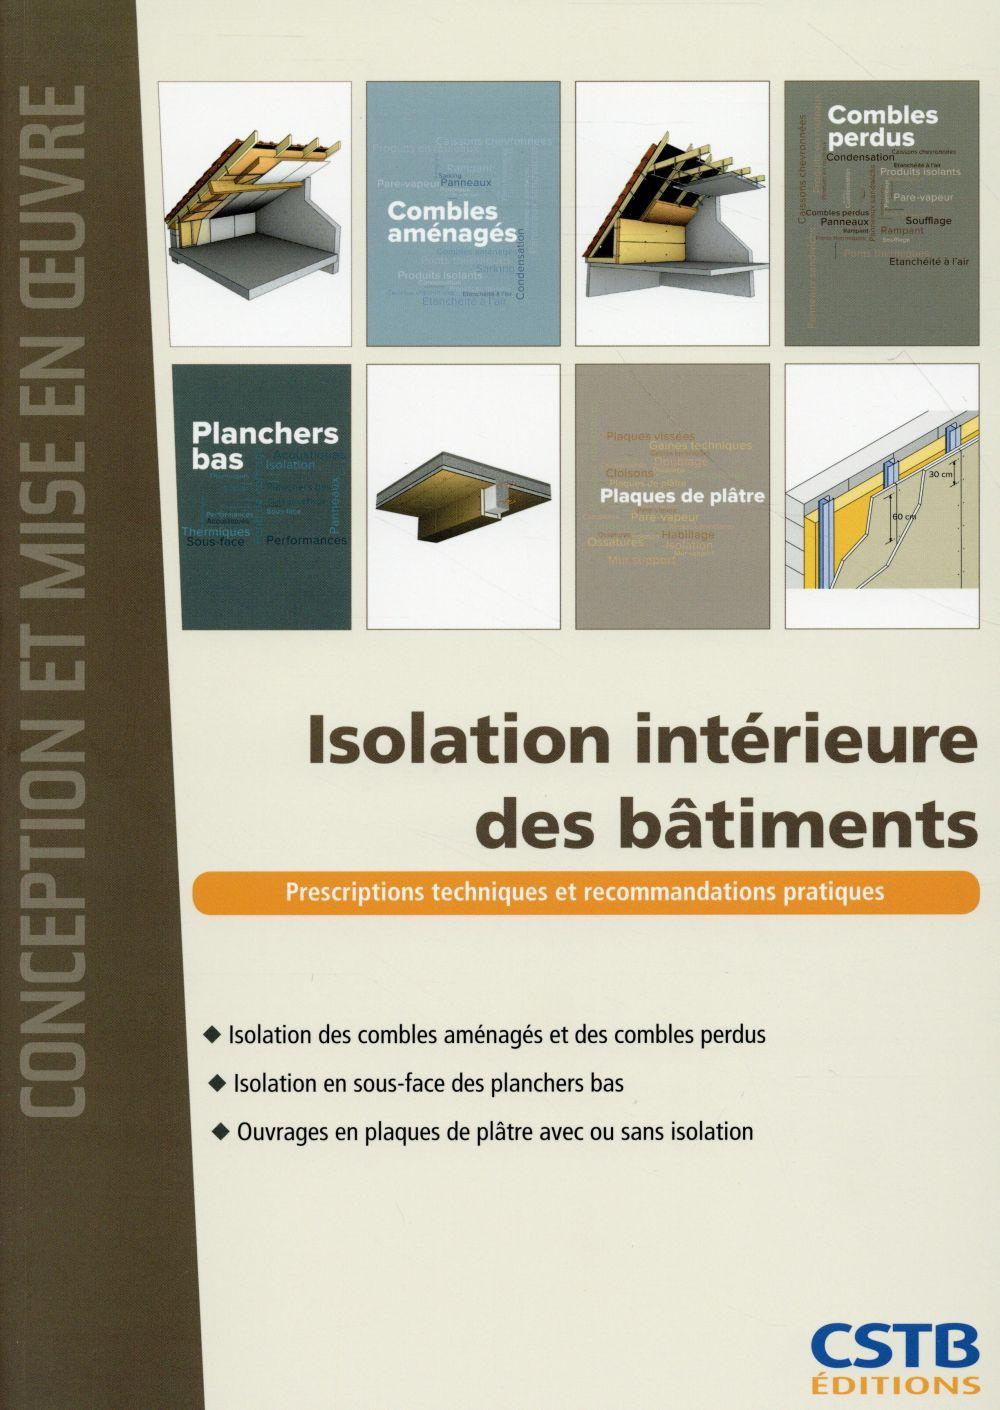 ISOLATION INTERIEURE DES BATIMENTS